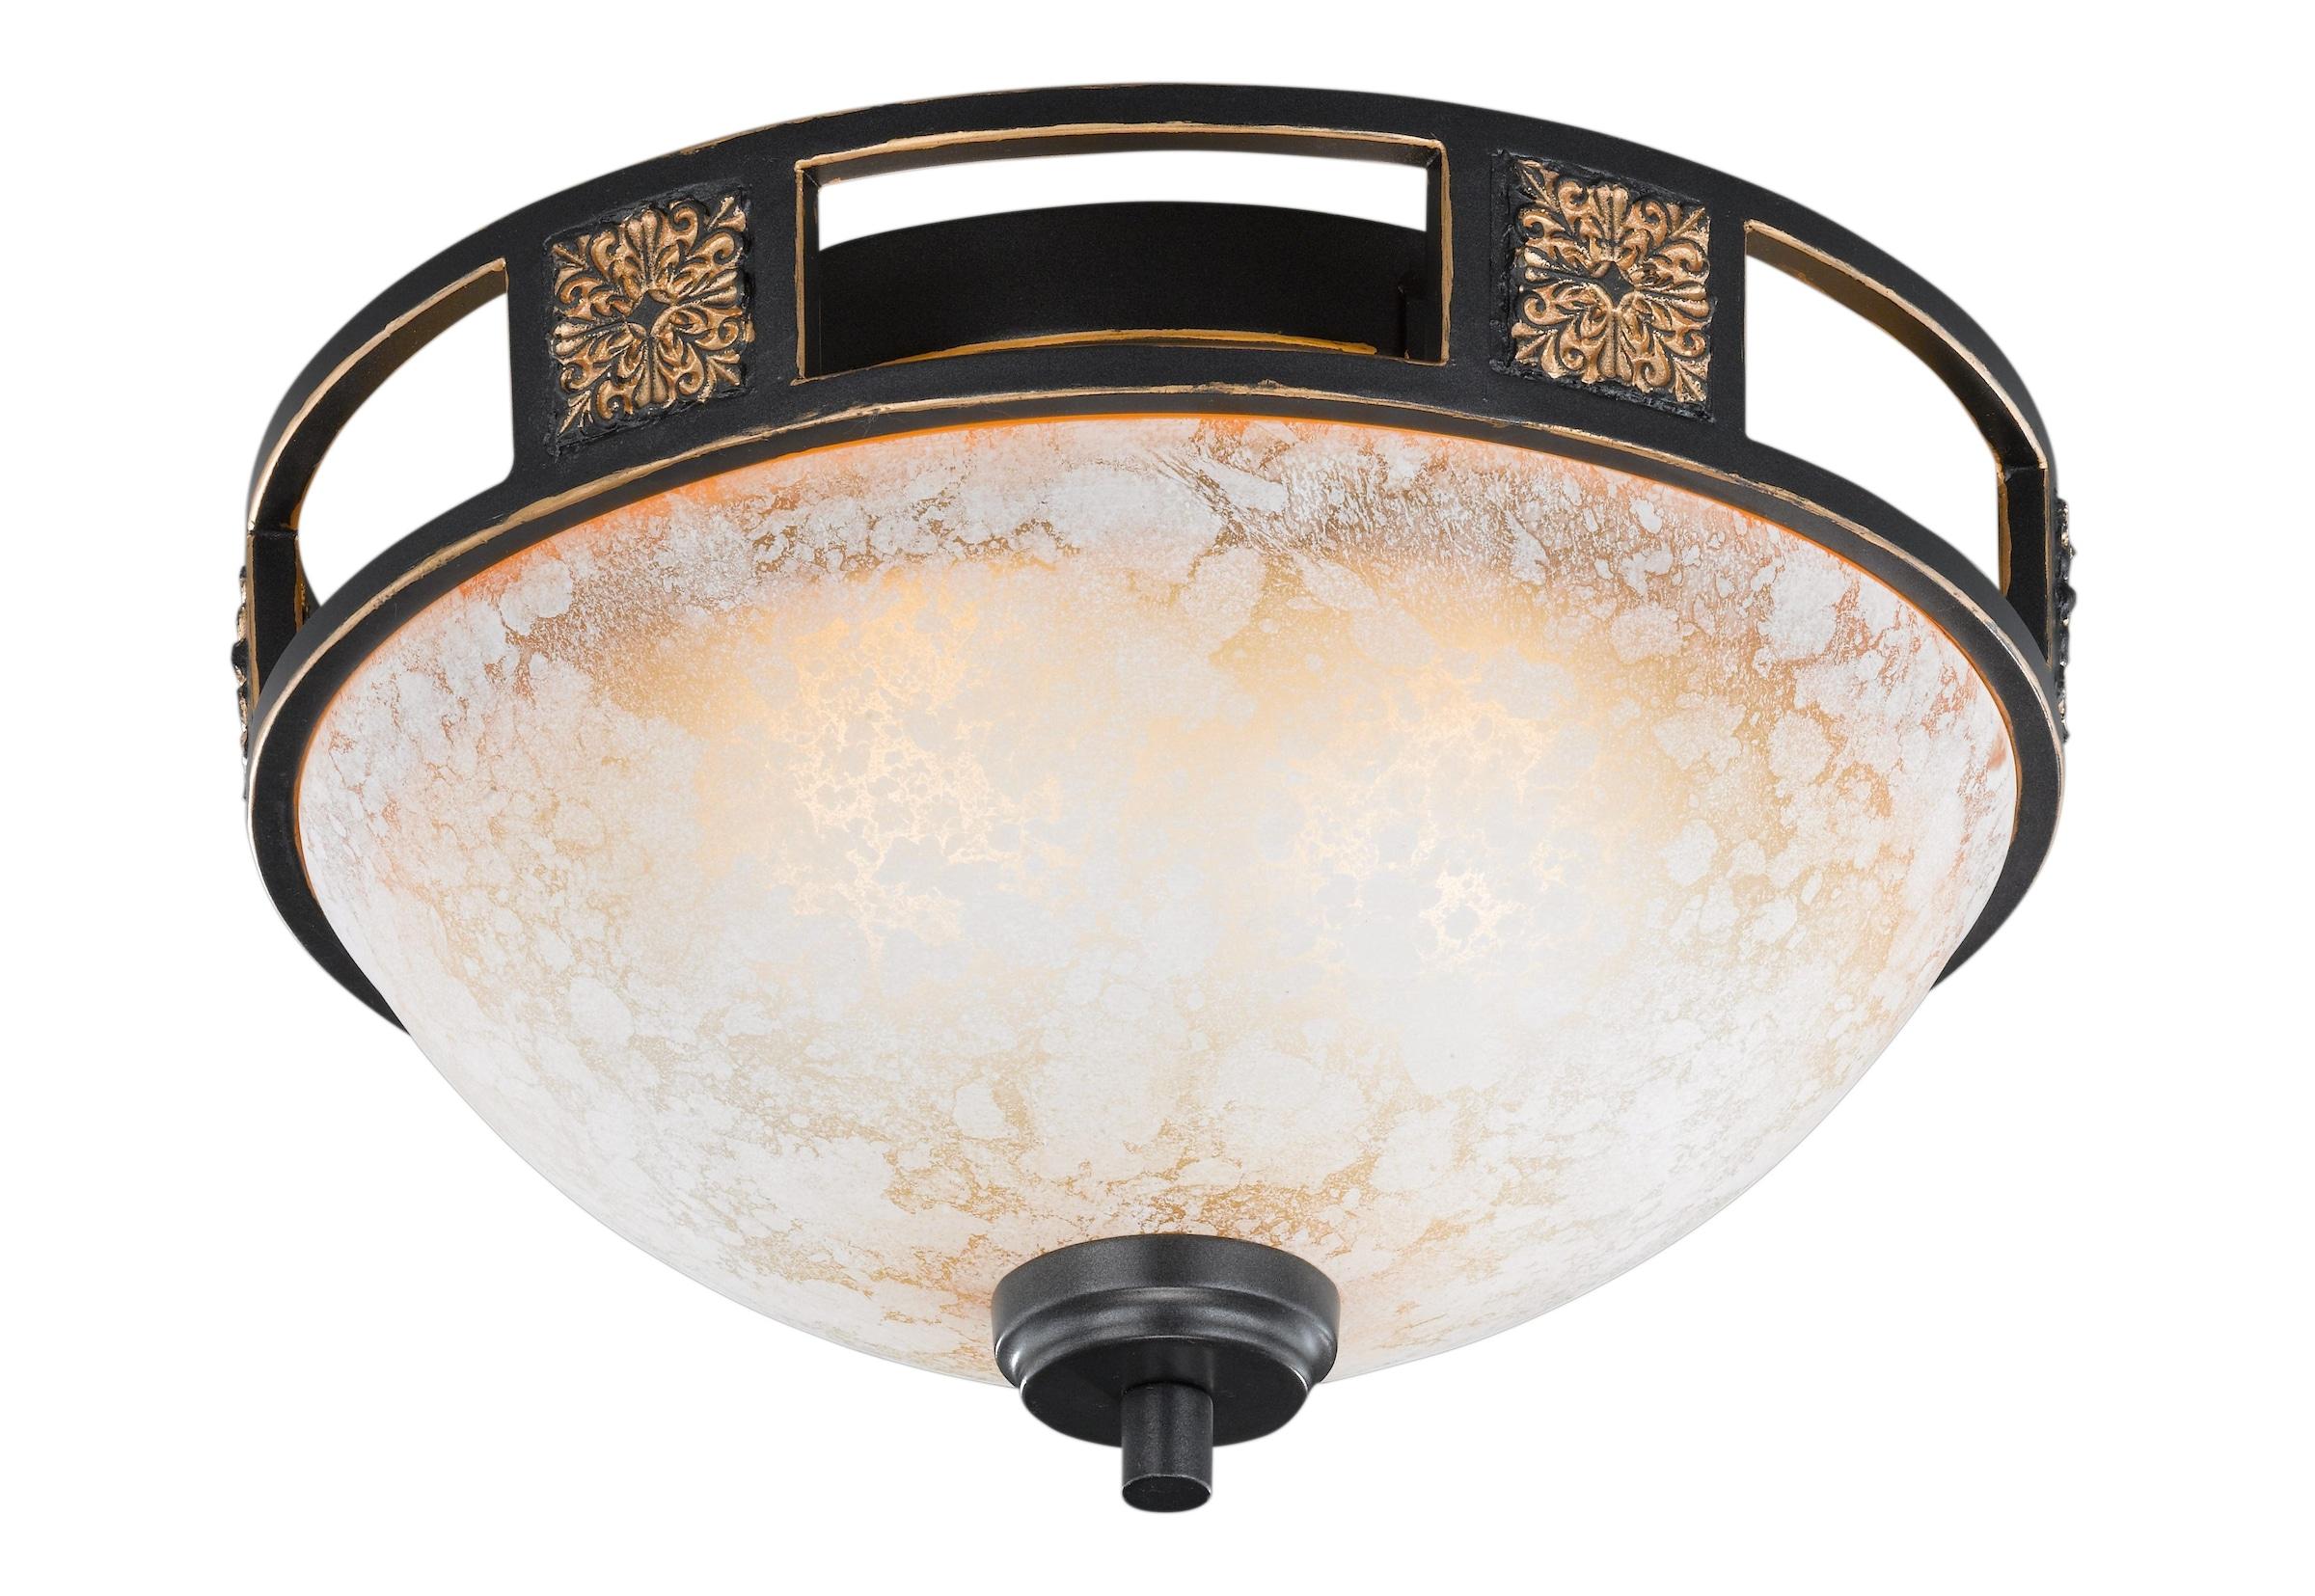 Led strahler spots top qualität lampenwelt